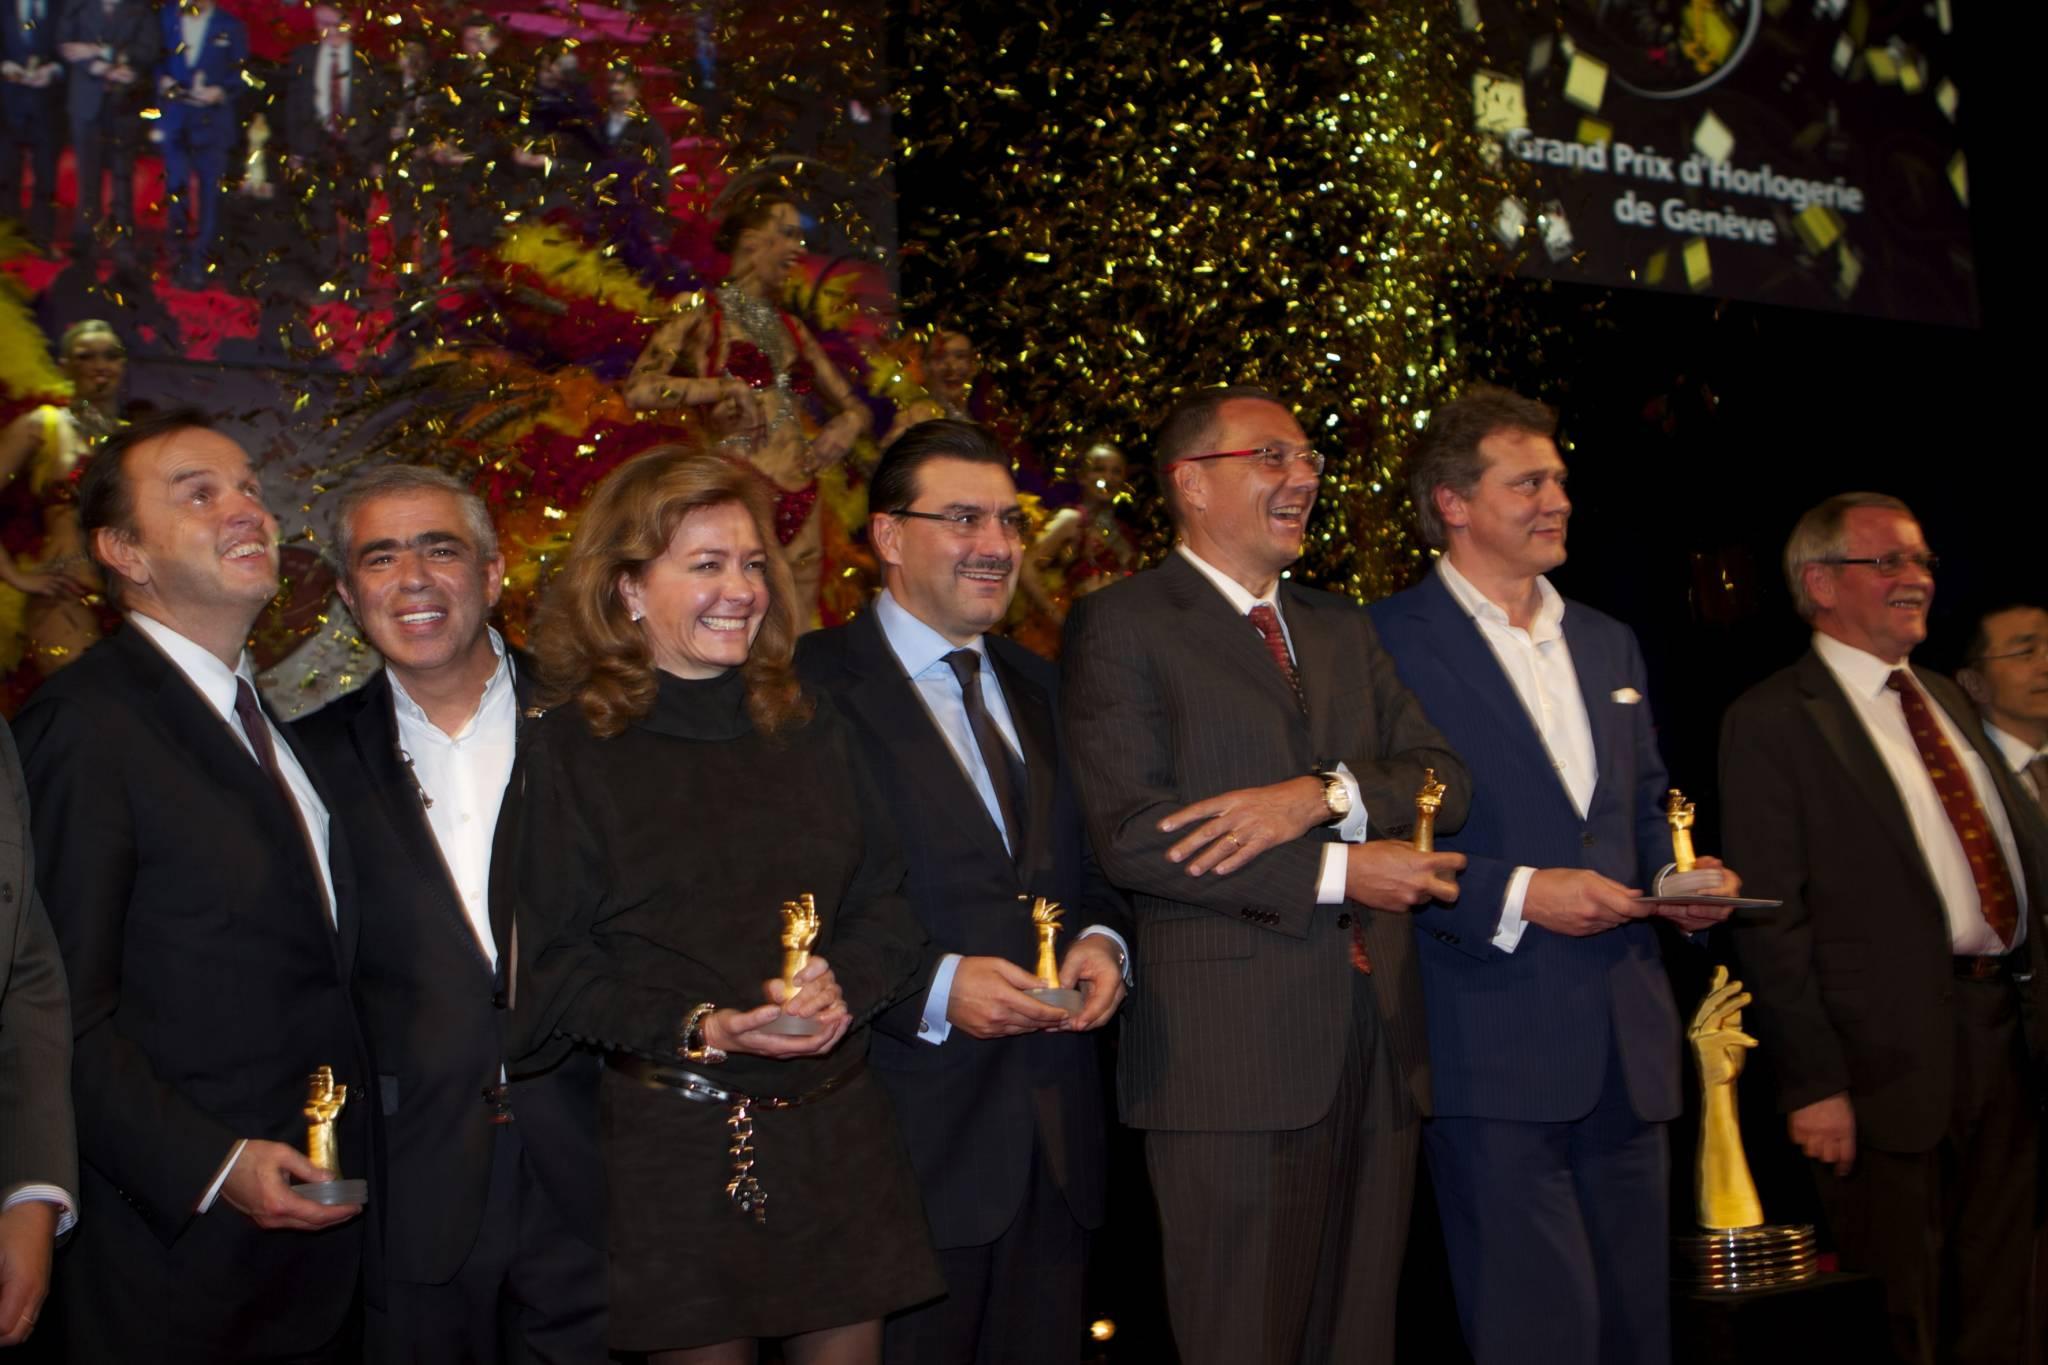 Stanislas de Quercise (CEO, Van Cleef & Arpels), Laurent Picciotto (Chronopassion), Caroline Scheufele (Co-présidente, Chopard), Juan-Carlos Torrès (CEO, Vacheron Constantin), Jean-Christophe Babin (CEO, TAG Heuer), François-Paul Journe (CEO, Montres Journe), Sven Andersen (AHCI), cérémonie 2010